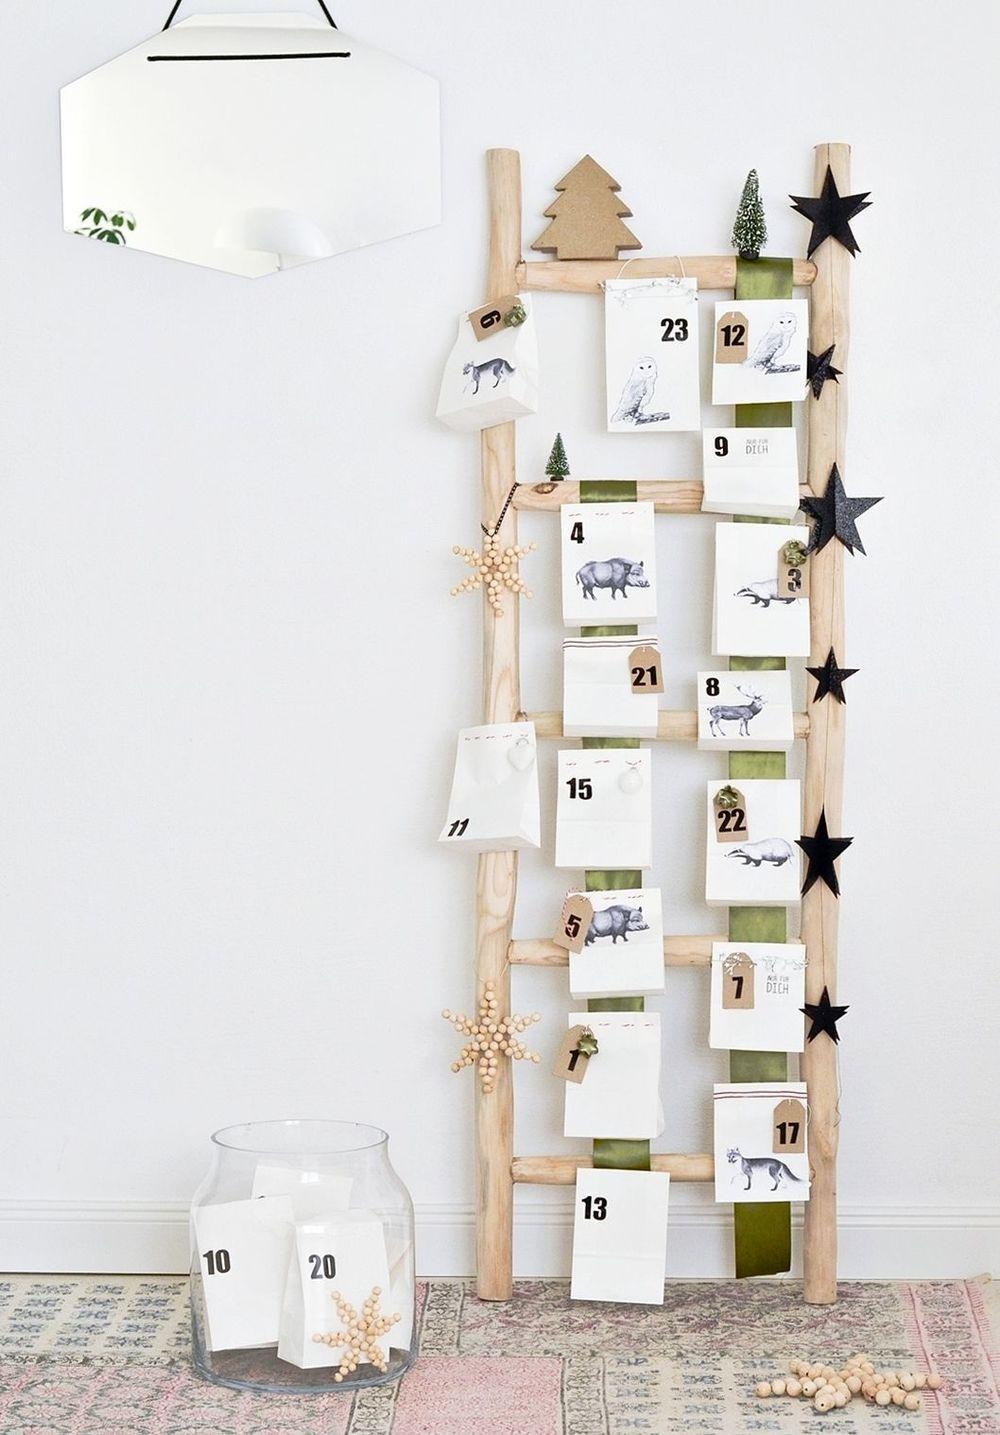 Deko Weihnachten handgemacht, DIY: Wohnkultur Inspiration für Weihnachten # decono …